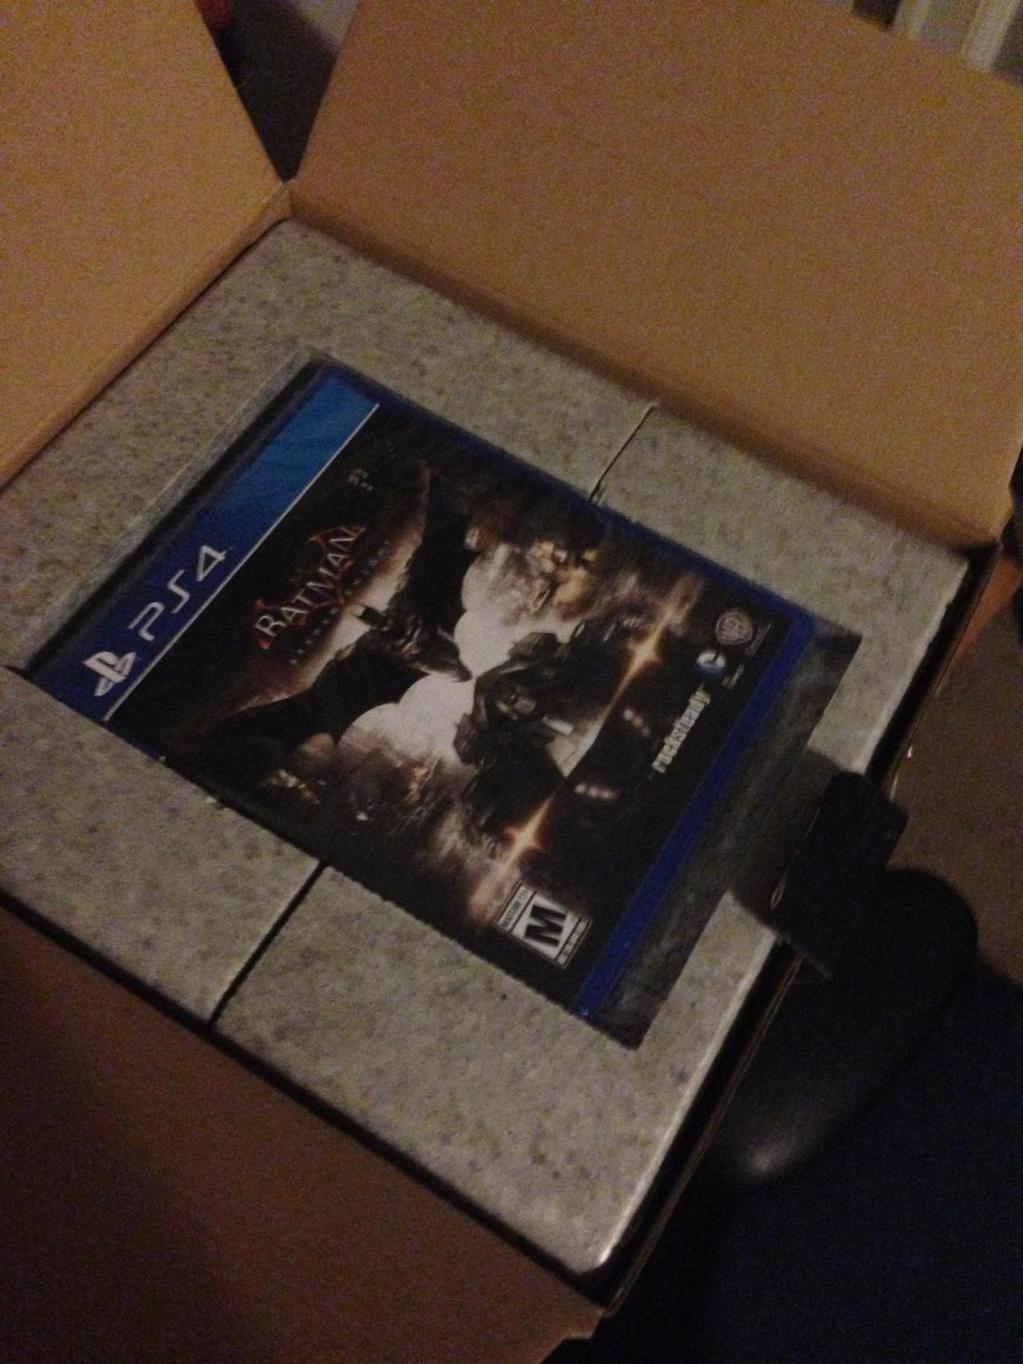 Batman: Arkham Knight for Playstation 4